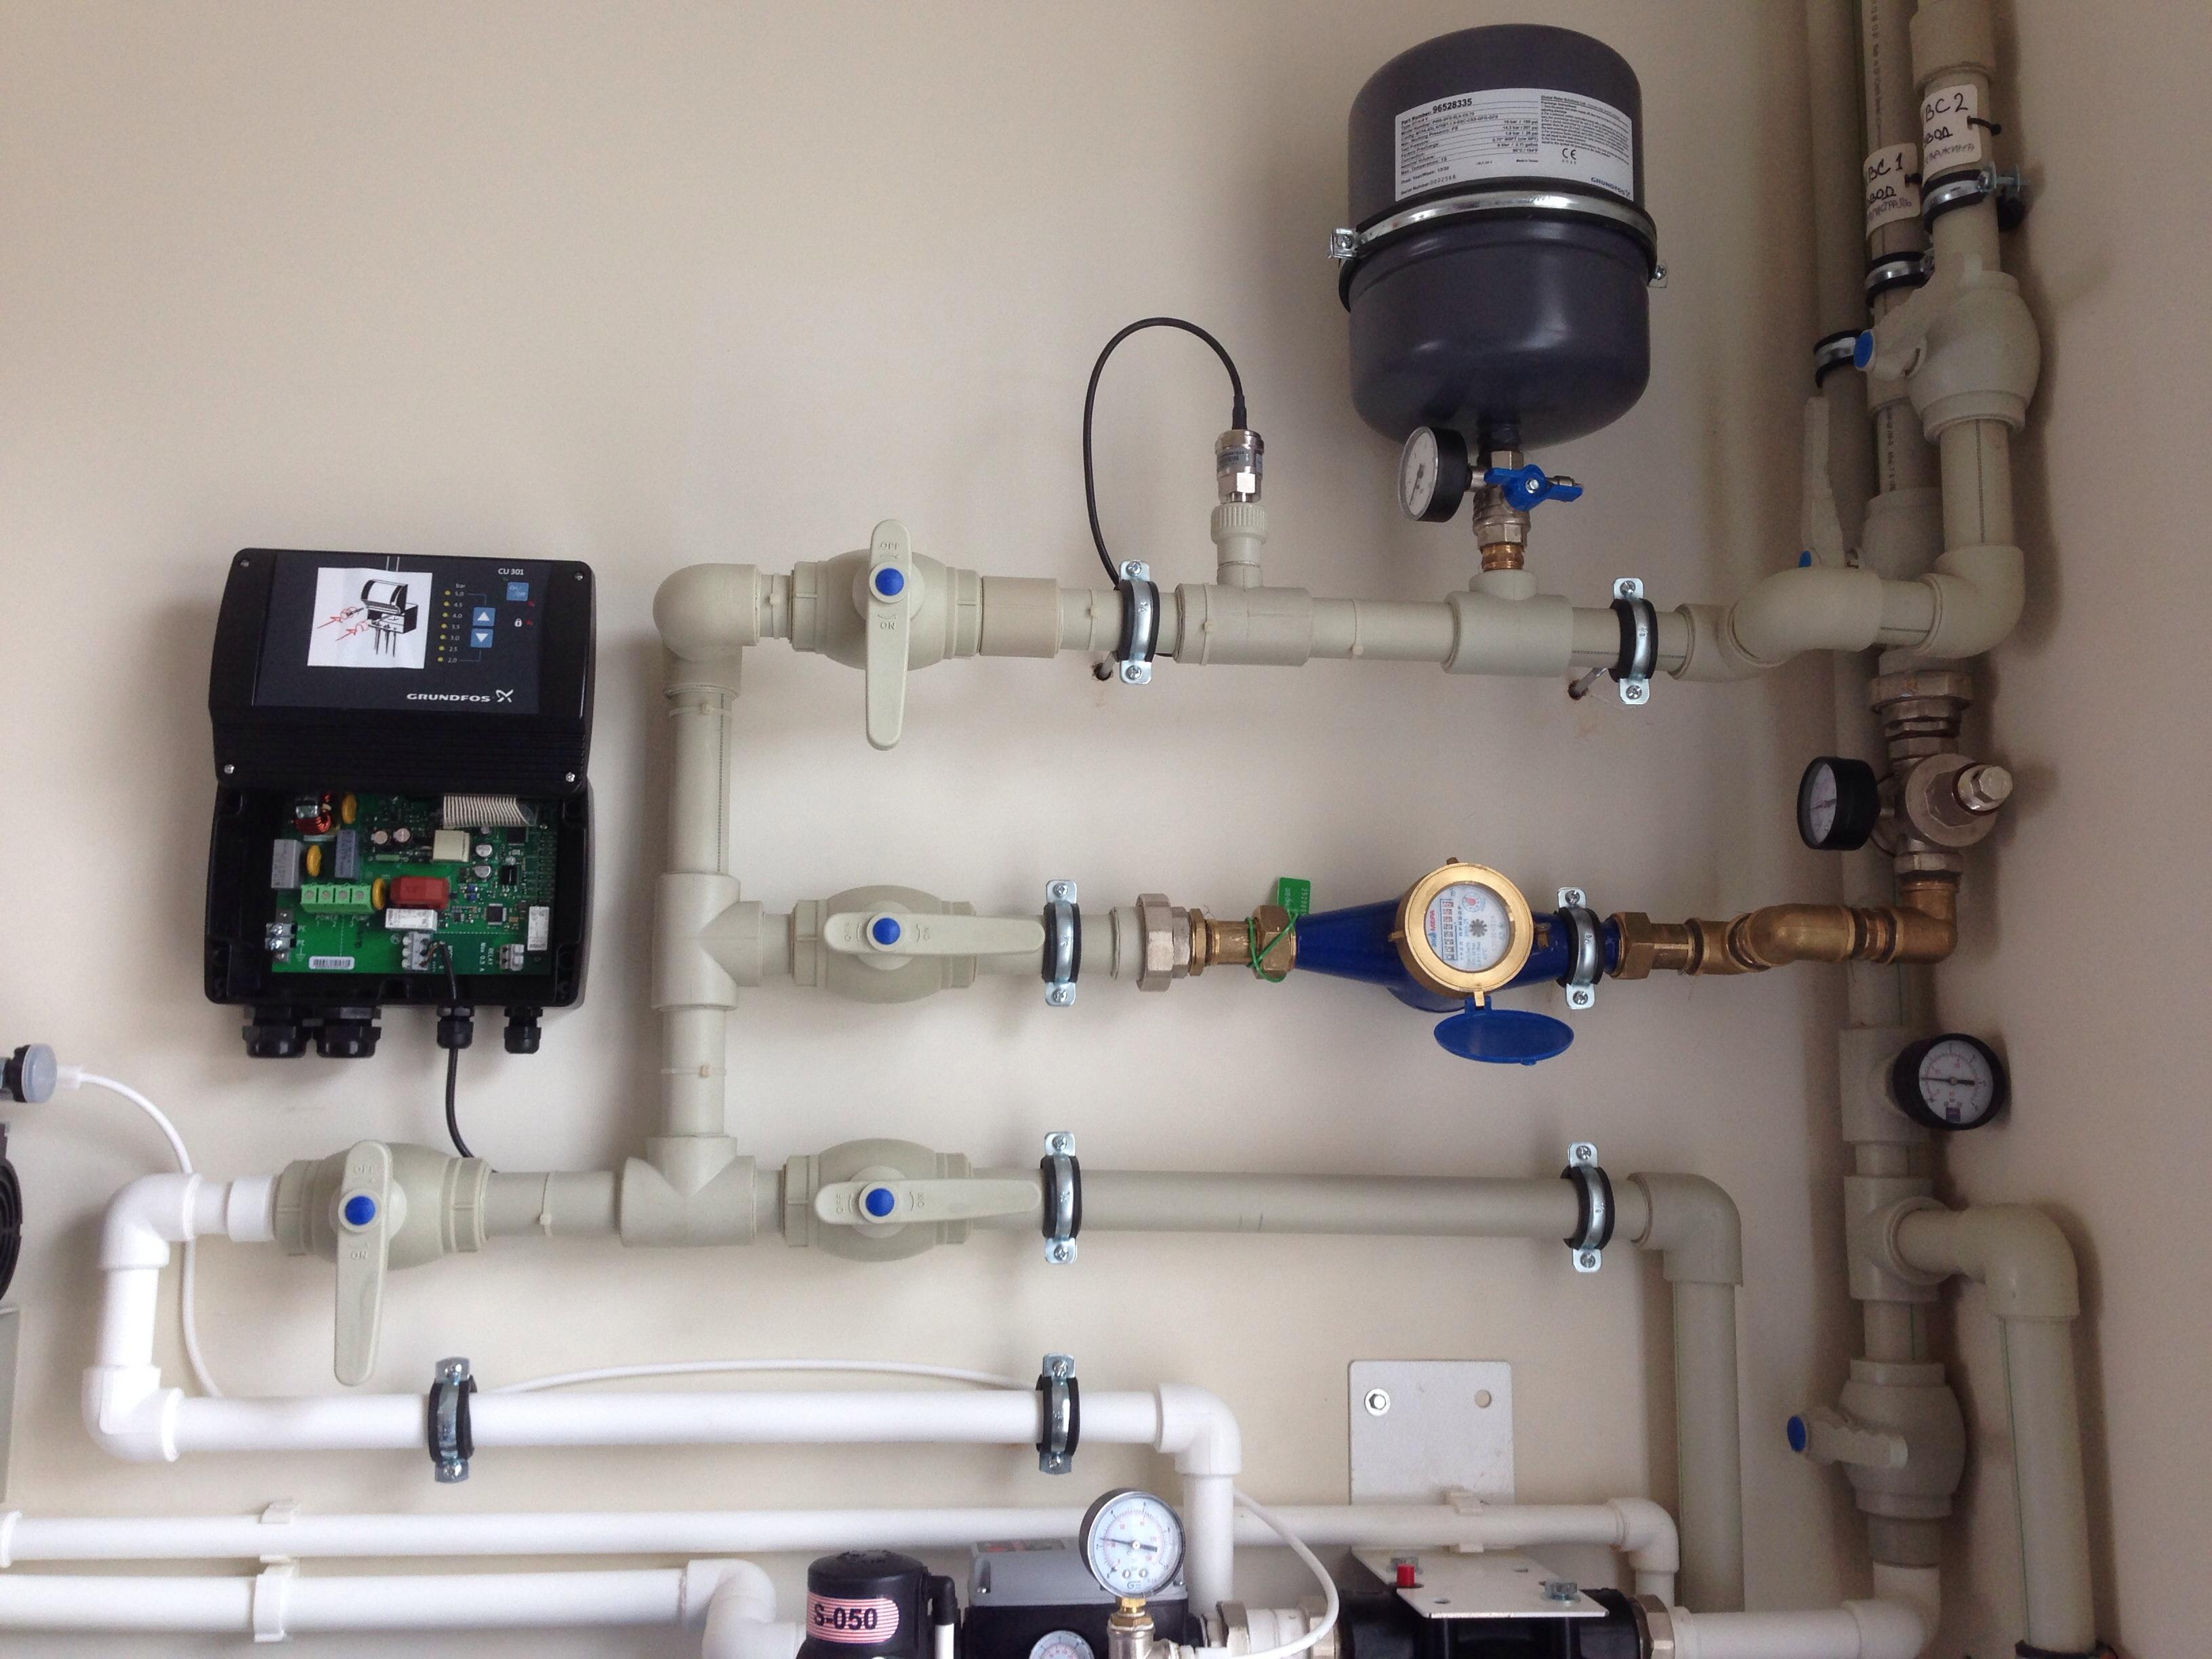 Разводка системы водоснабжения, контроллер управления насосом Grundfos, водосчетчик, расширительный бак Reflex